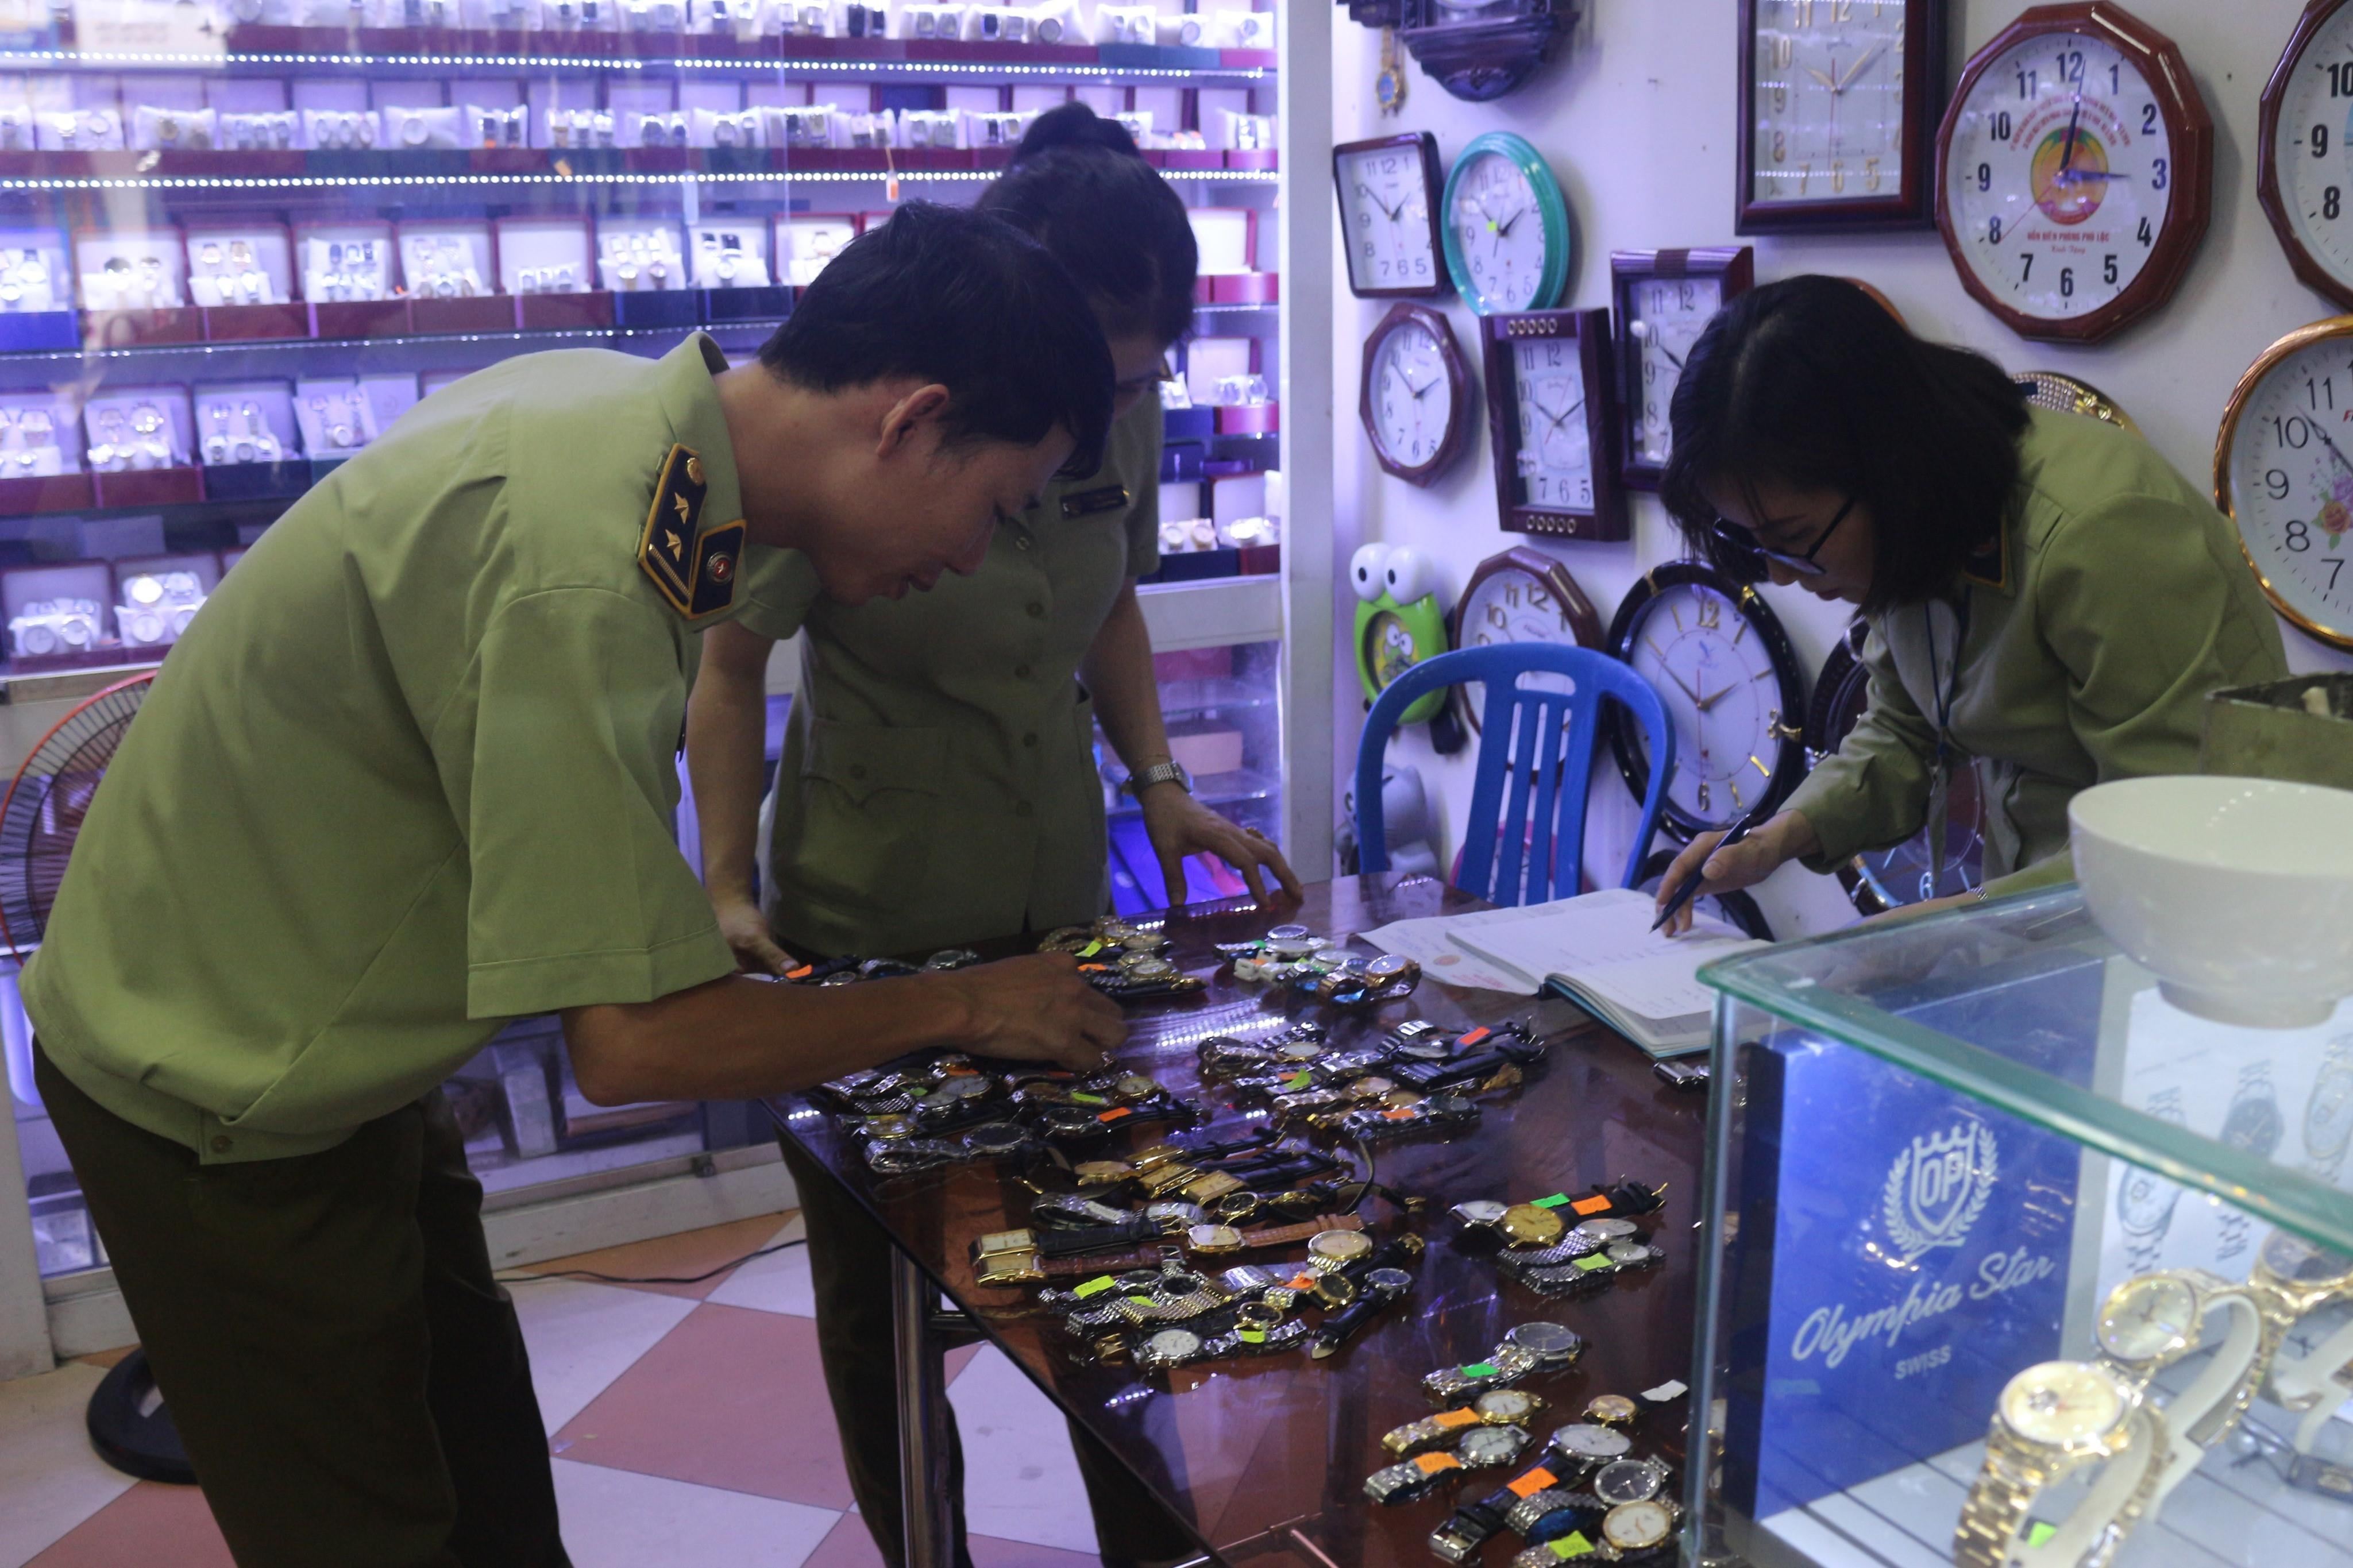 Lạng Sơn: Tạm giữ gần 1.000 đồng hồ nữ có dấu hiệu giả mạo nhãn hiệu nổi tiếng (26/11/2019)